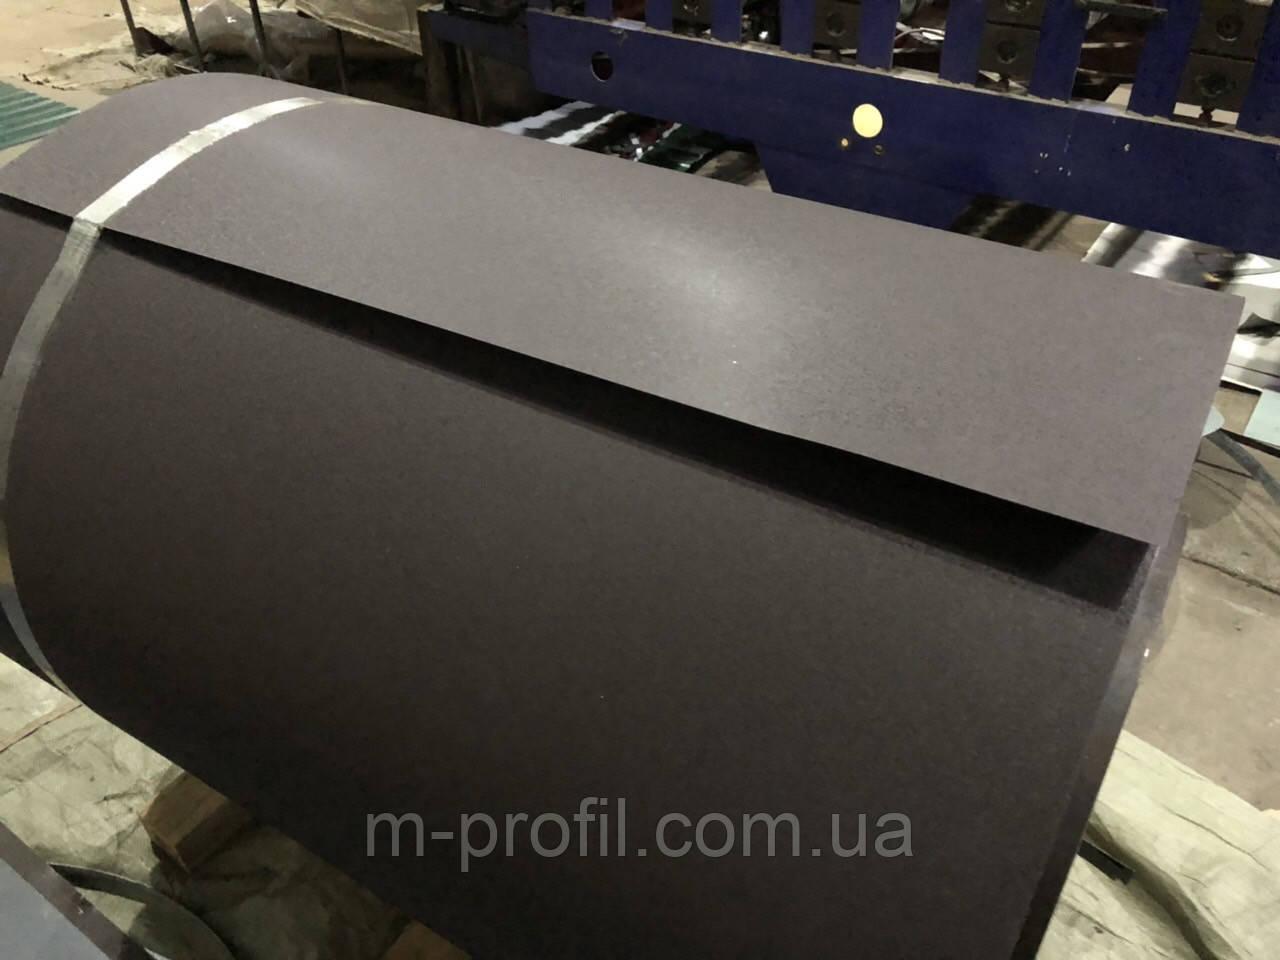 Профнастил ПС-8 толщина 0,50мм, МАТ Бельгия